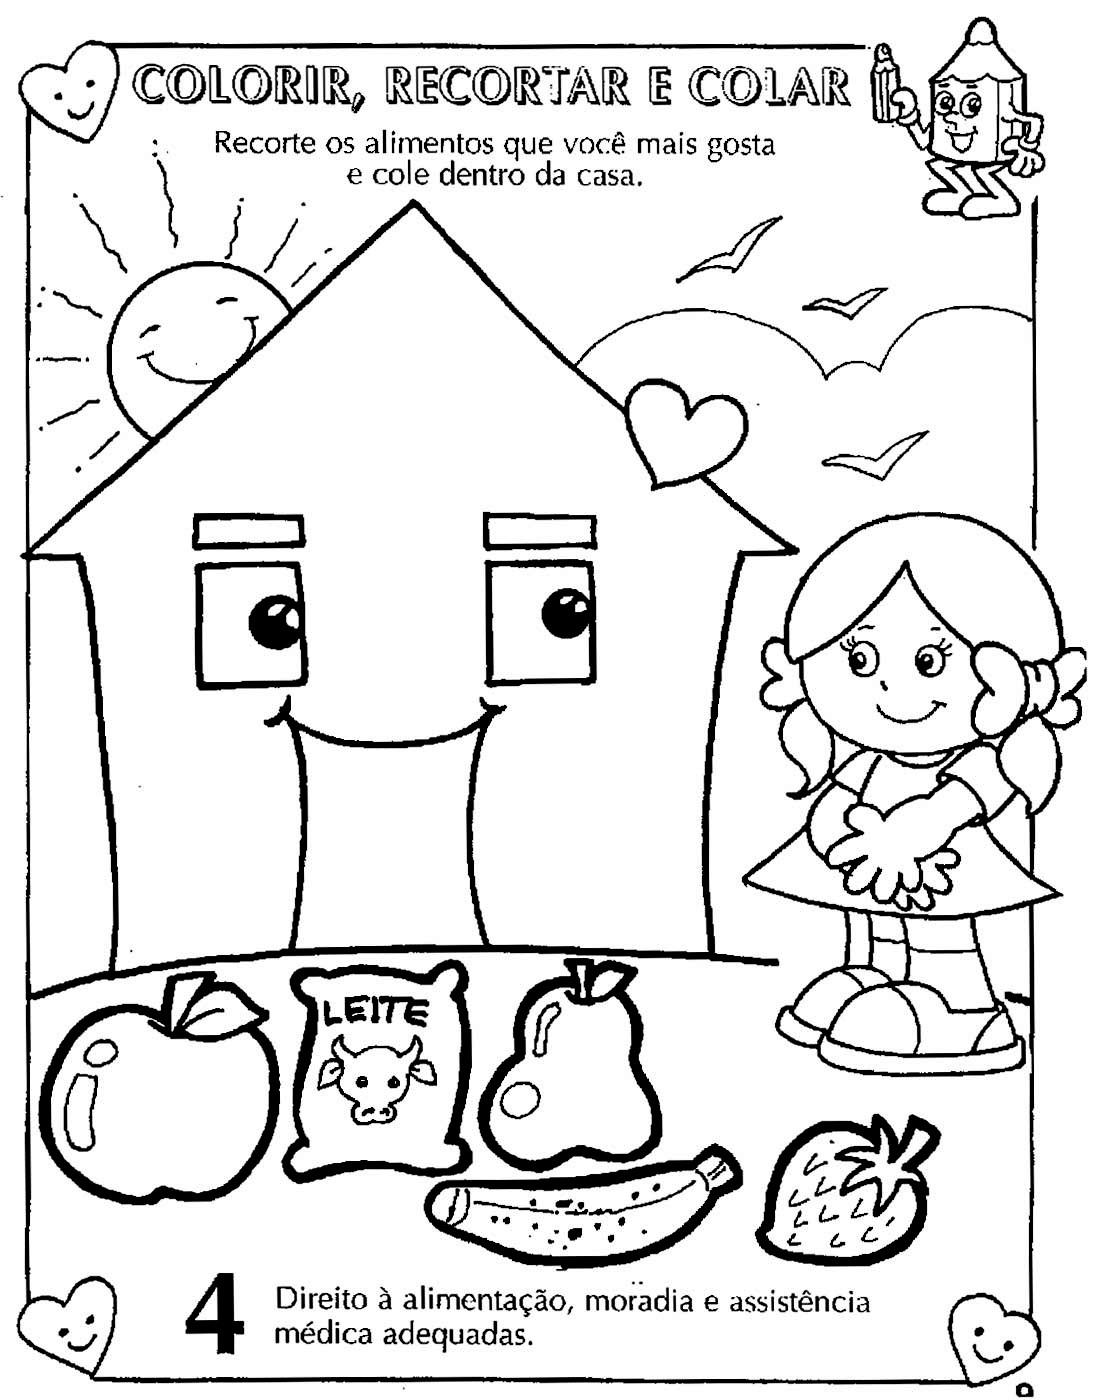 Colorir Desenhos Sobre Direitos E Deveres Da Criança Mundinho Da